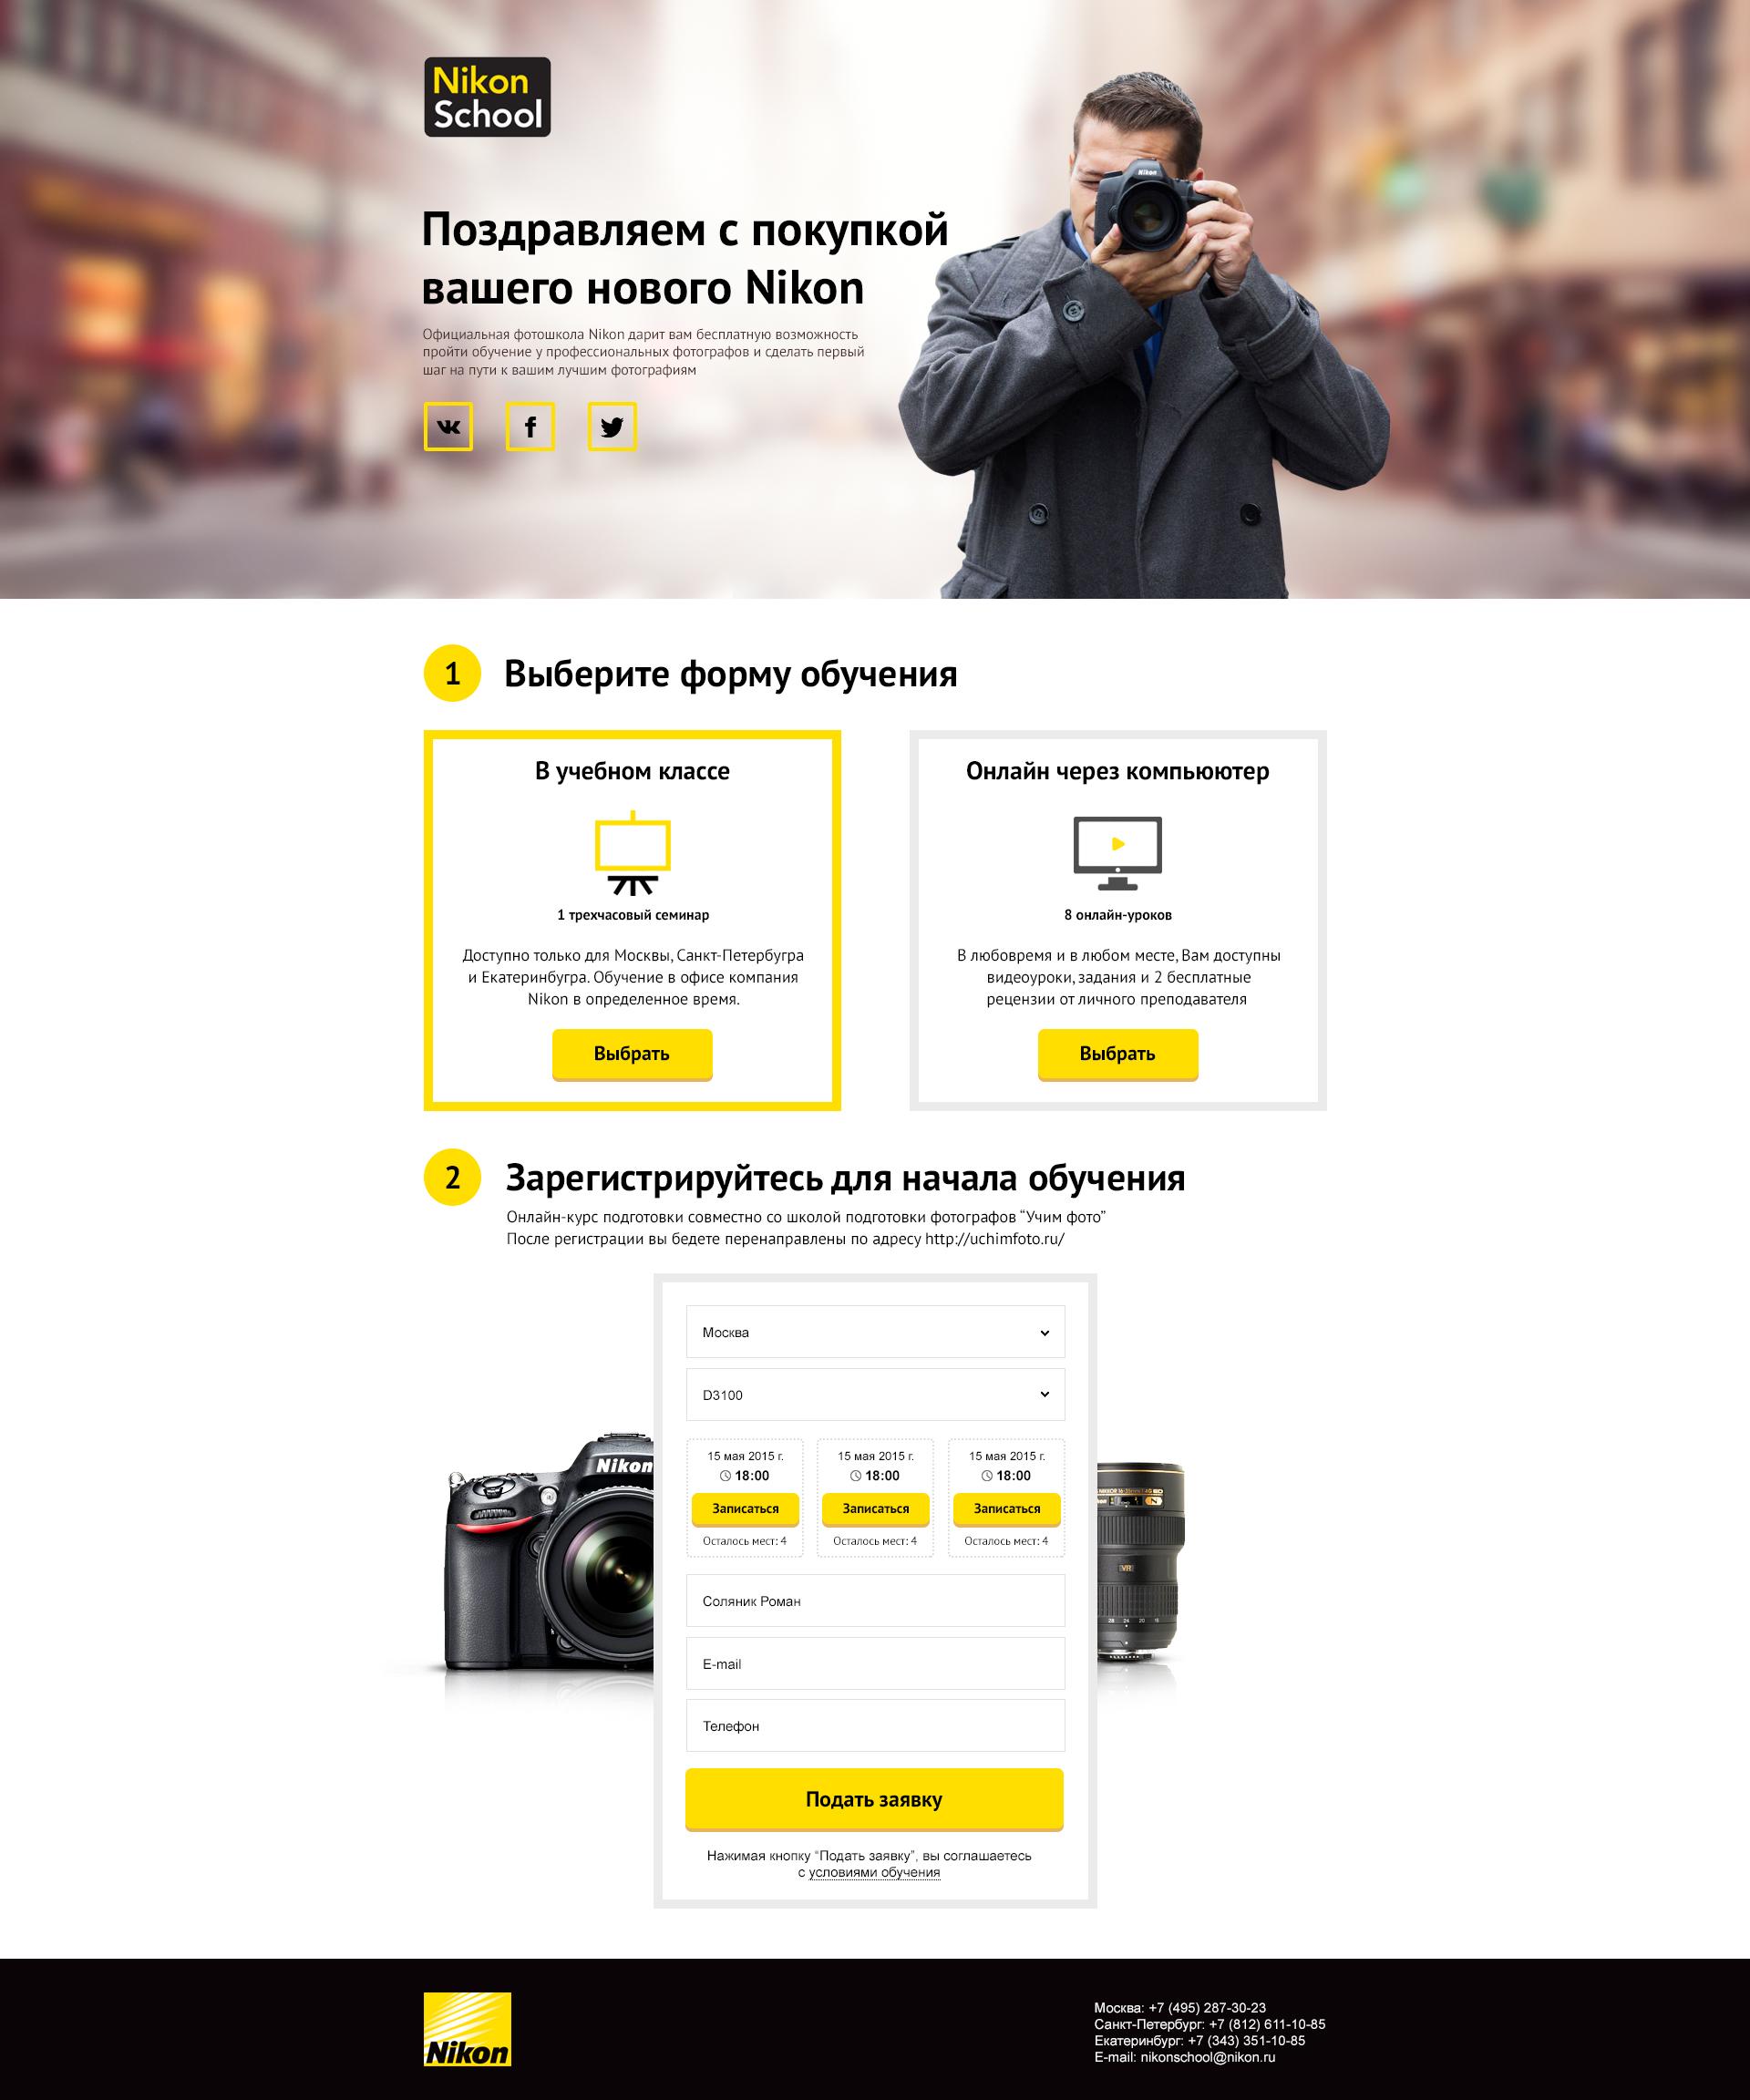 Дизайн сайта обучения работы с Nikon